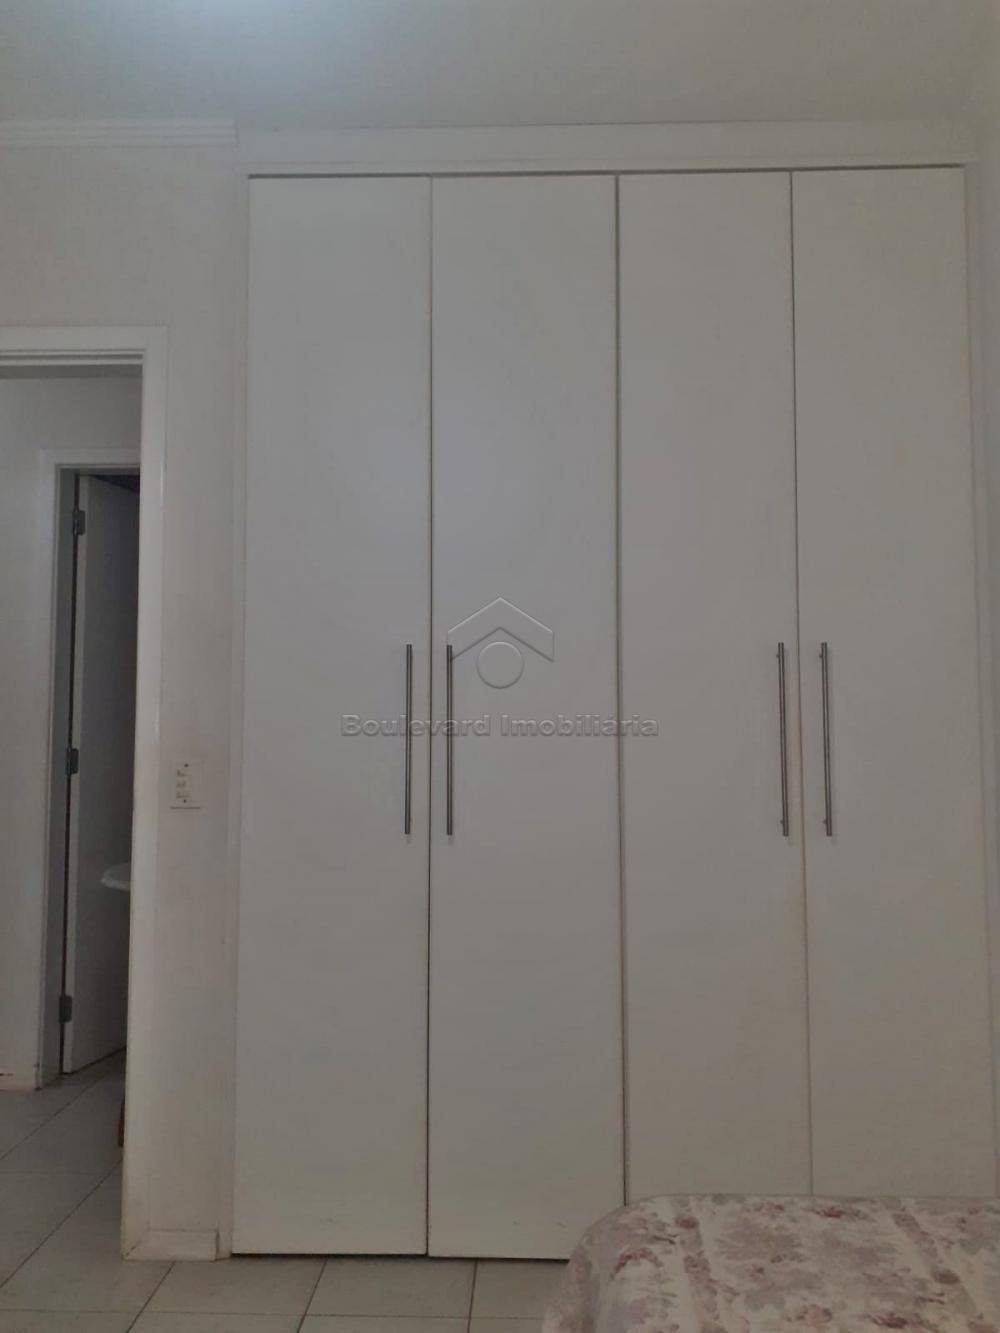 Alugar Apartamento / Padrão em Ribeirão Preto R$ 3.100,00 - Foto 25